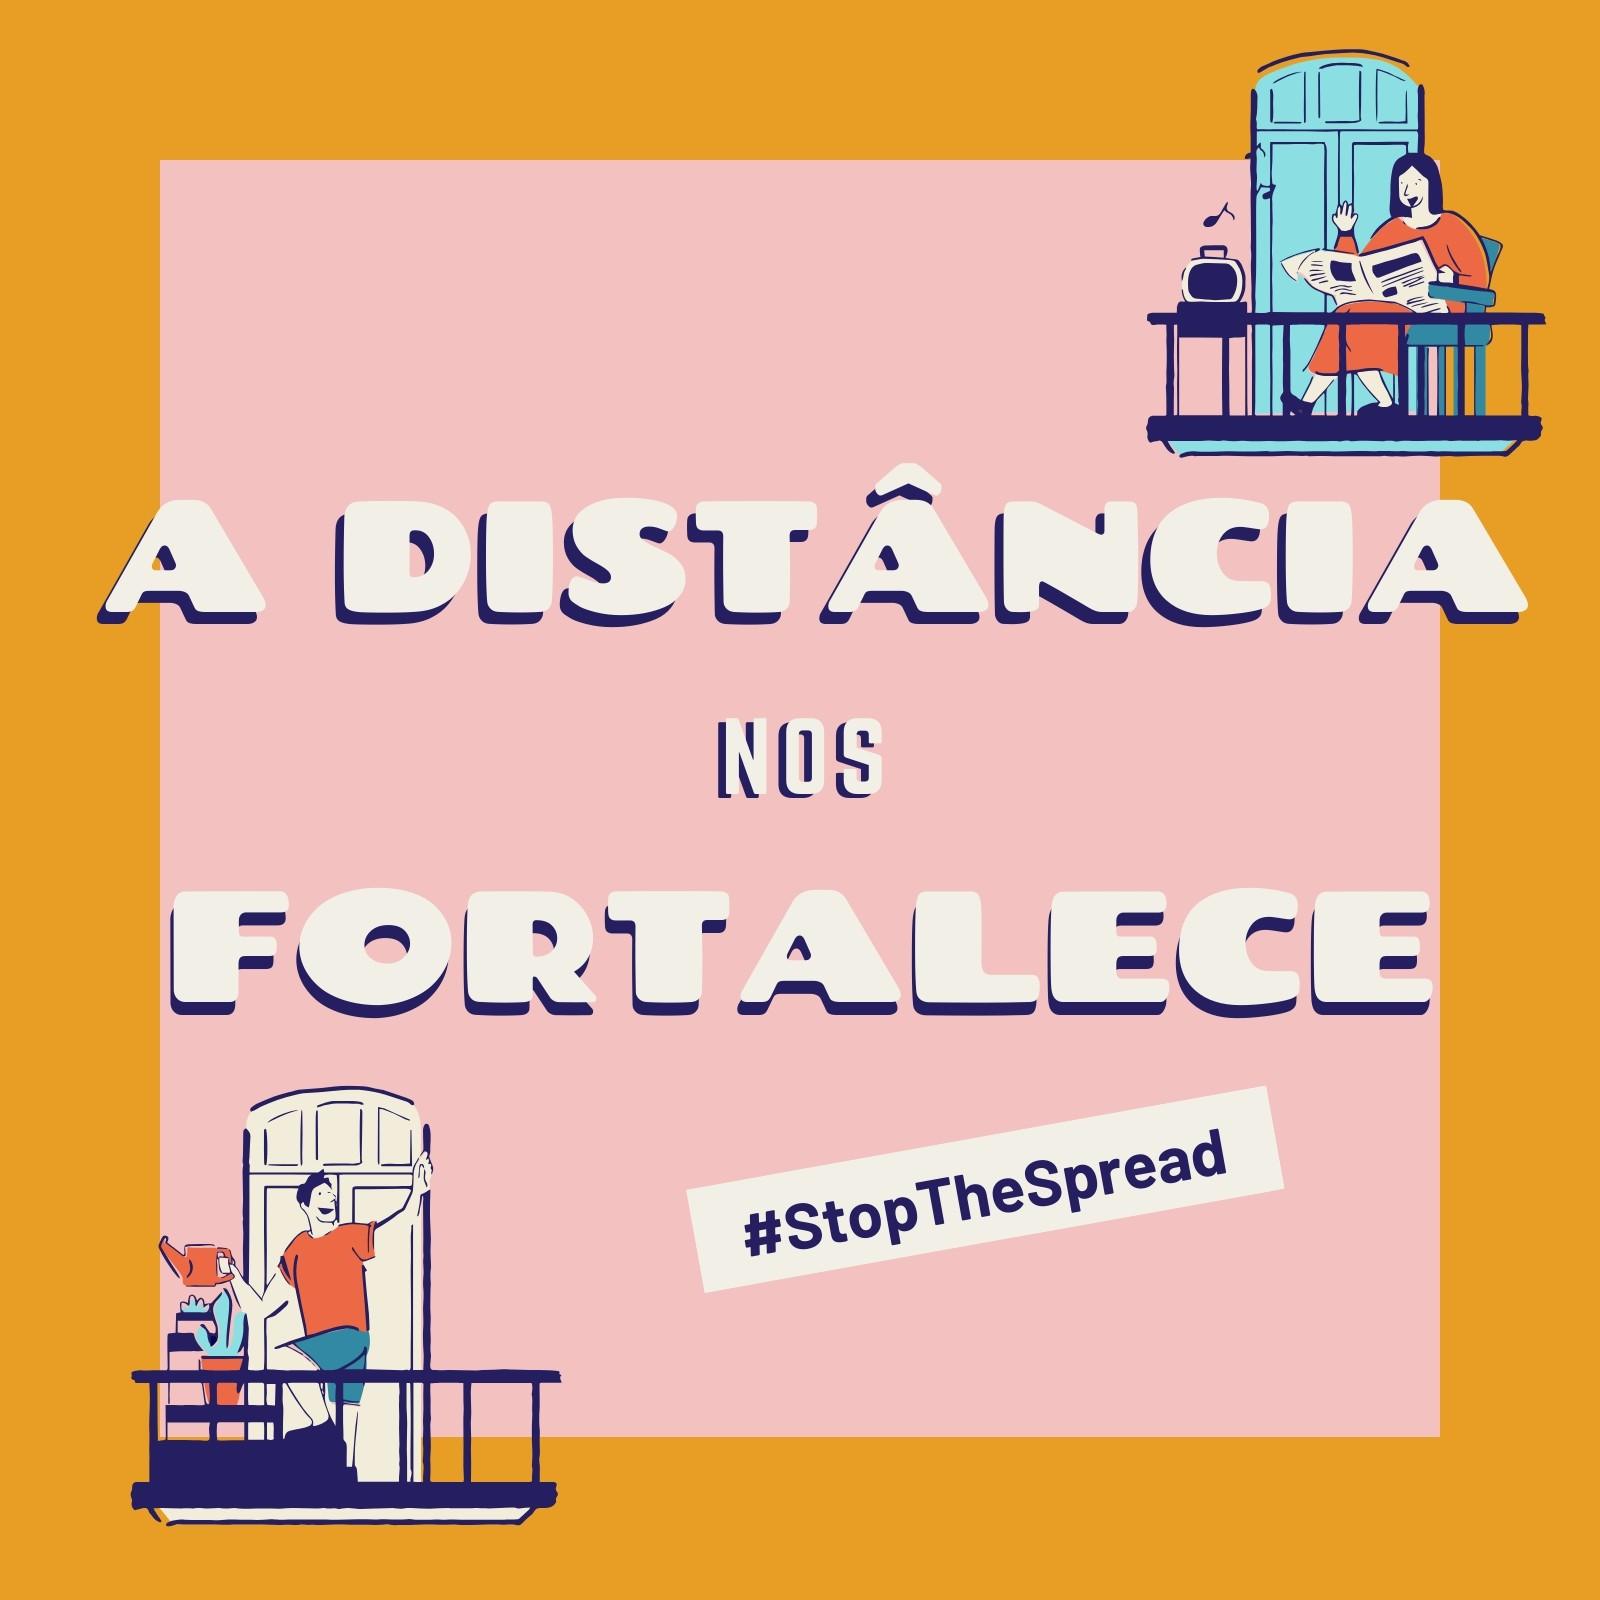 Post Amarelo e Rosa da Campanha Distância Fortalece para Instagram